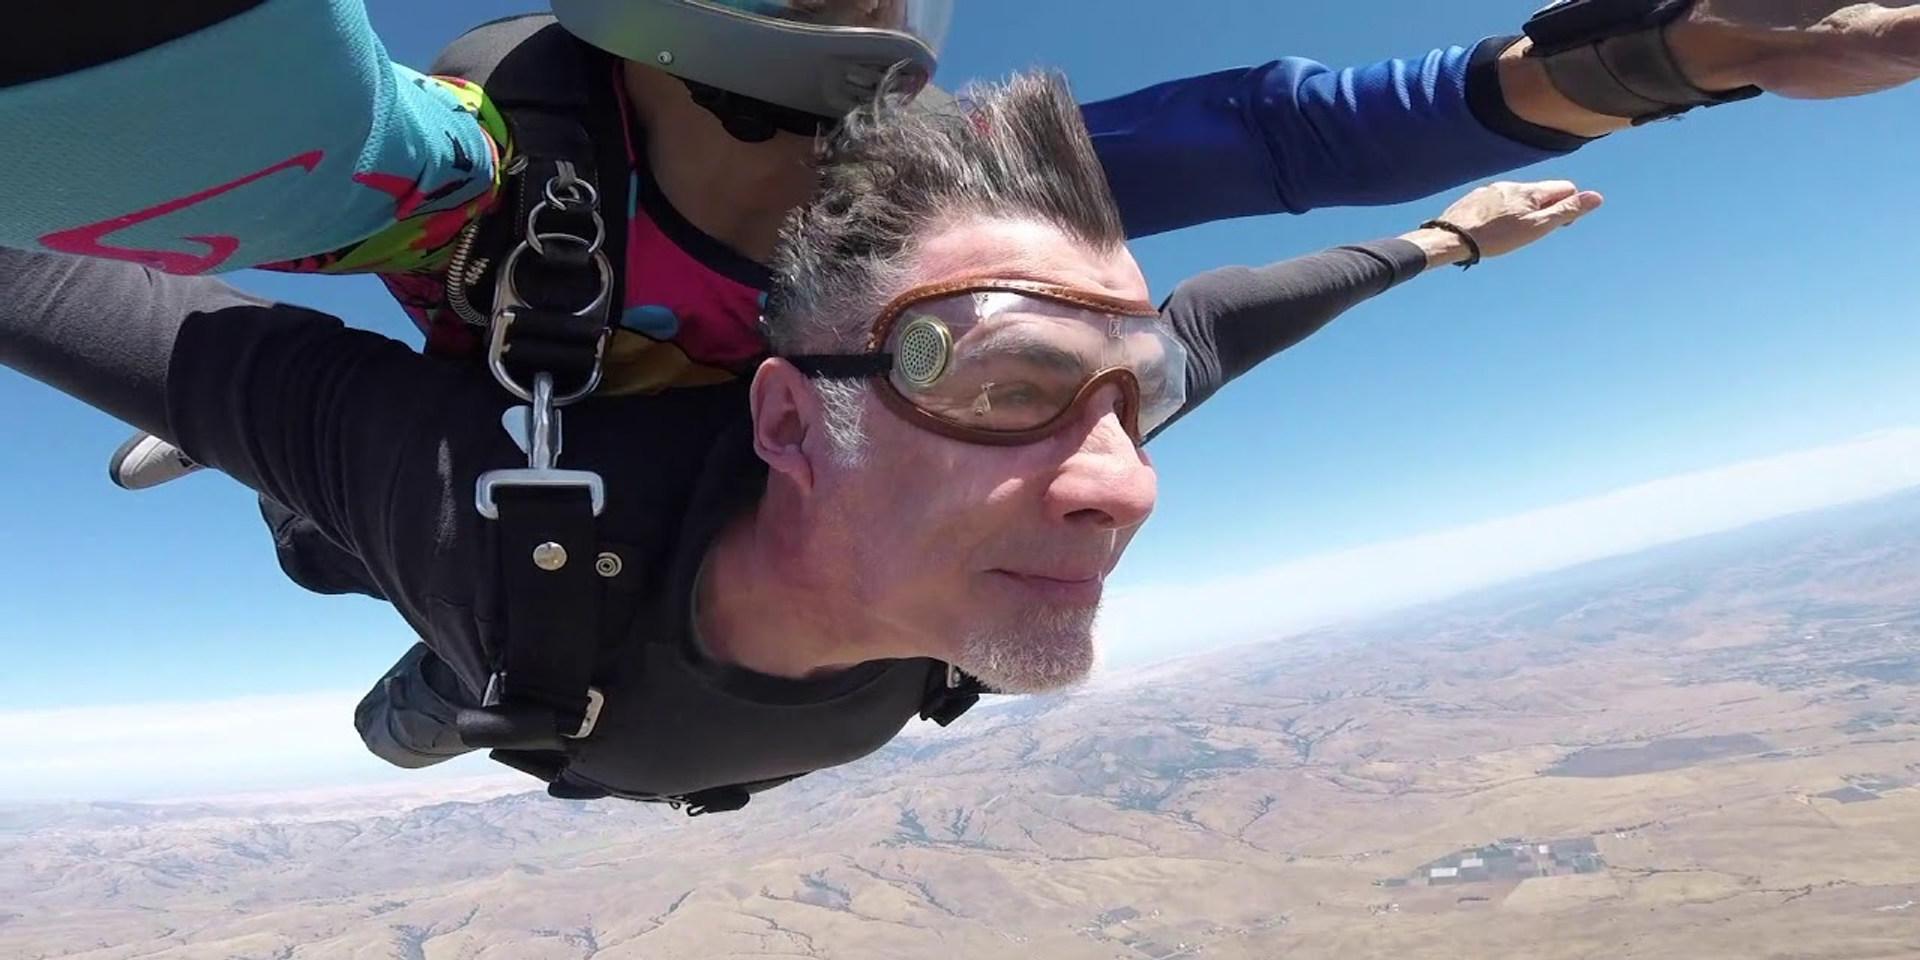 Tim's June 2019 Hollister Skydive